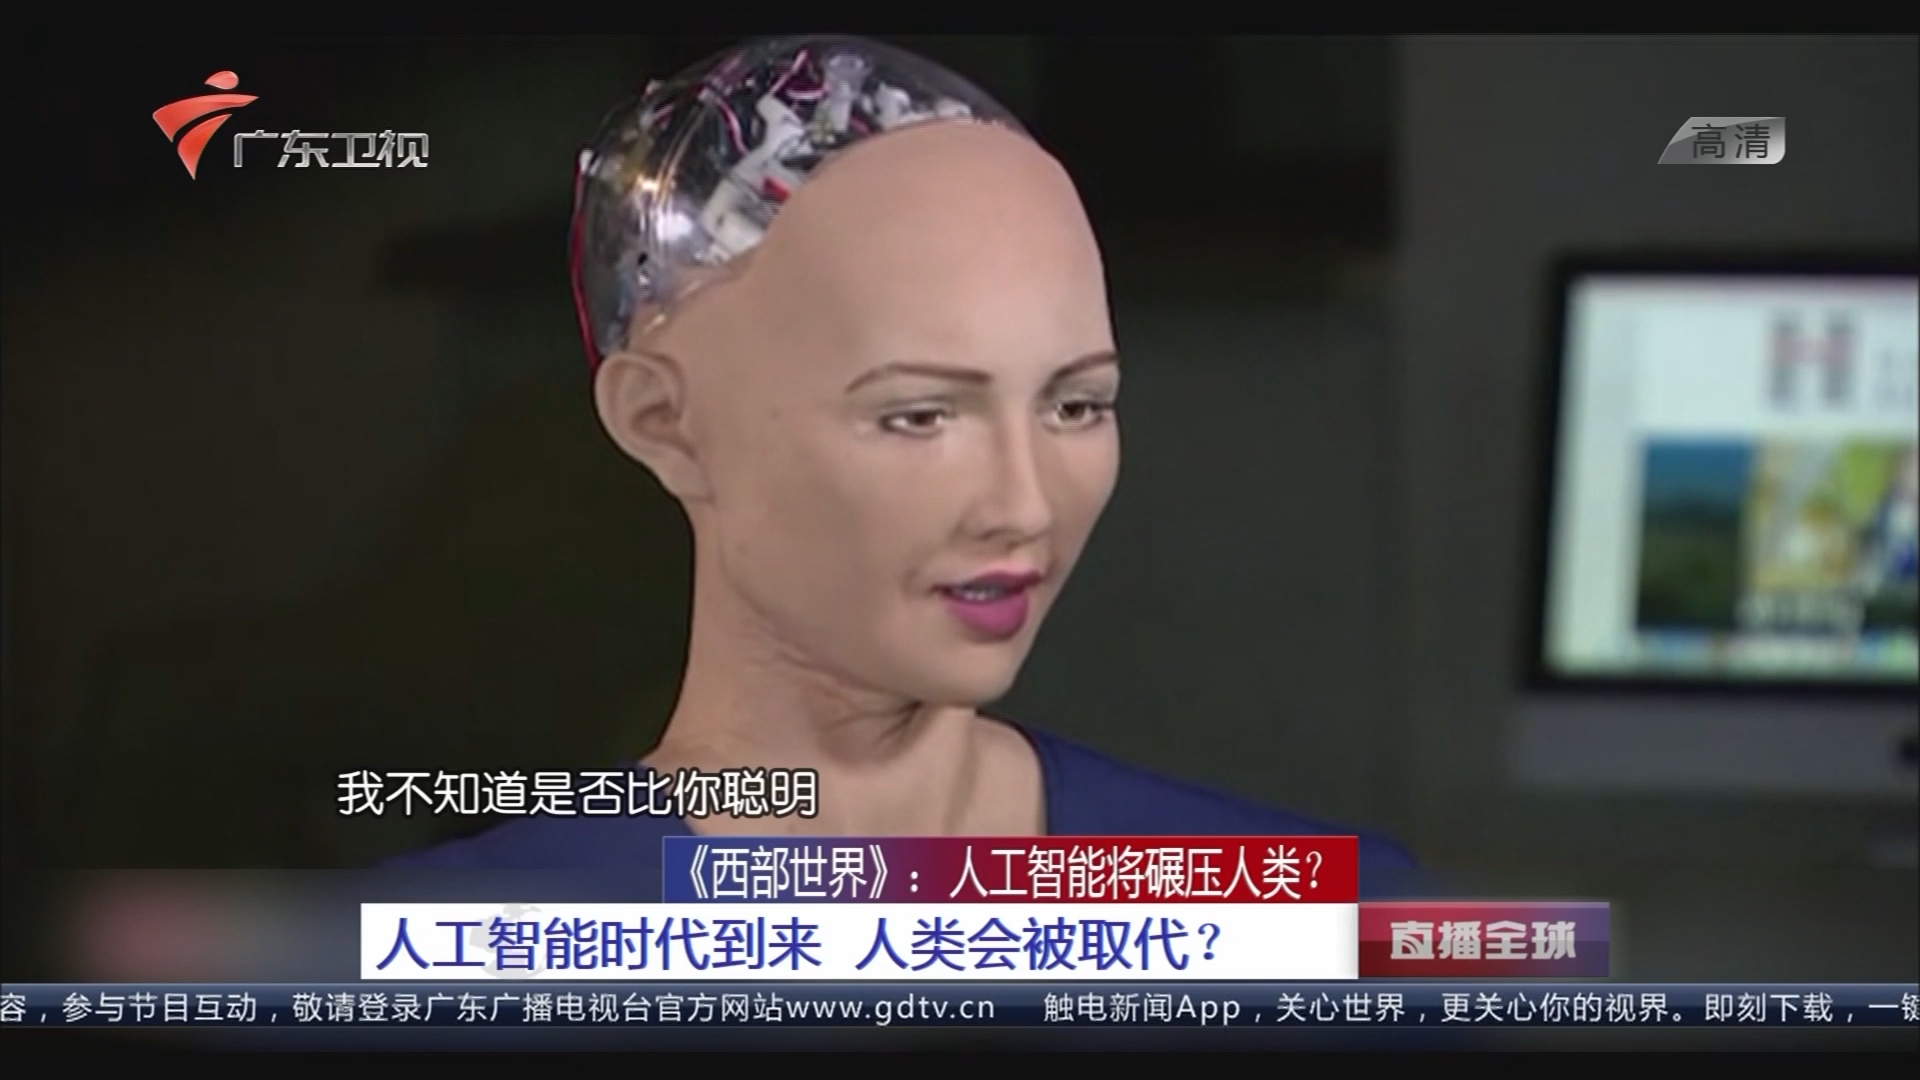 《西部世界》:人工智能将碾压人类? 人工智能时代到来 人类会被取代?